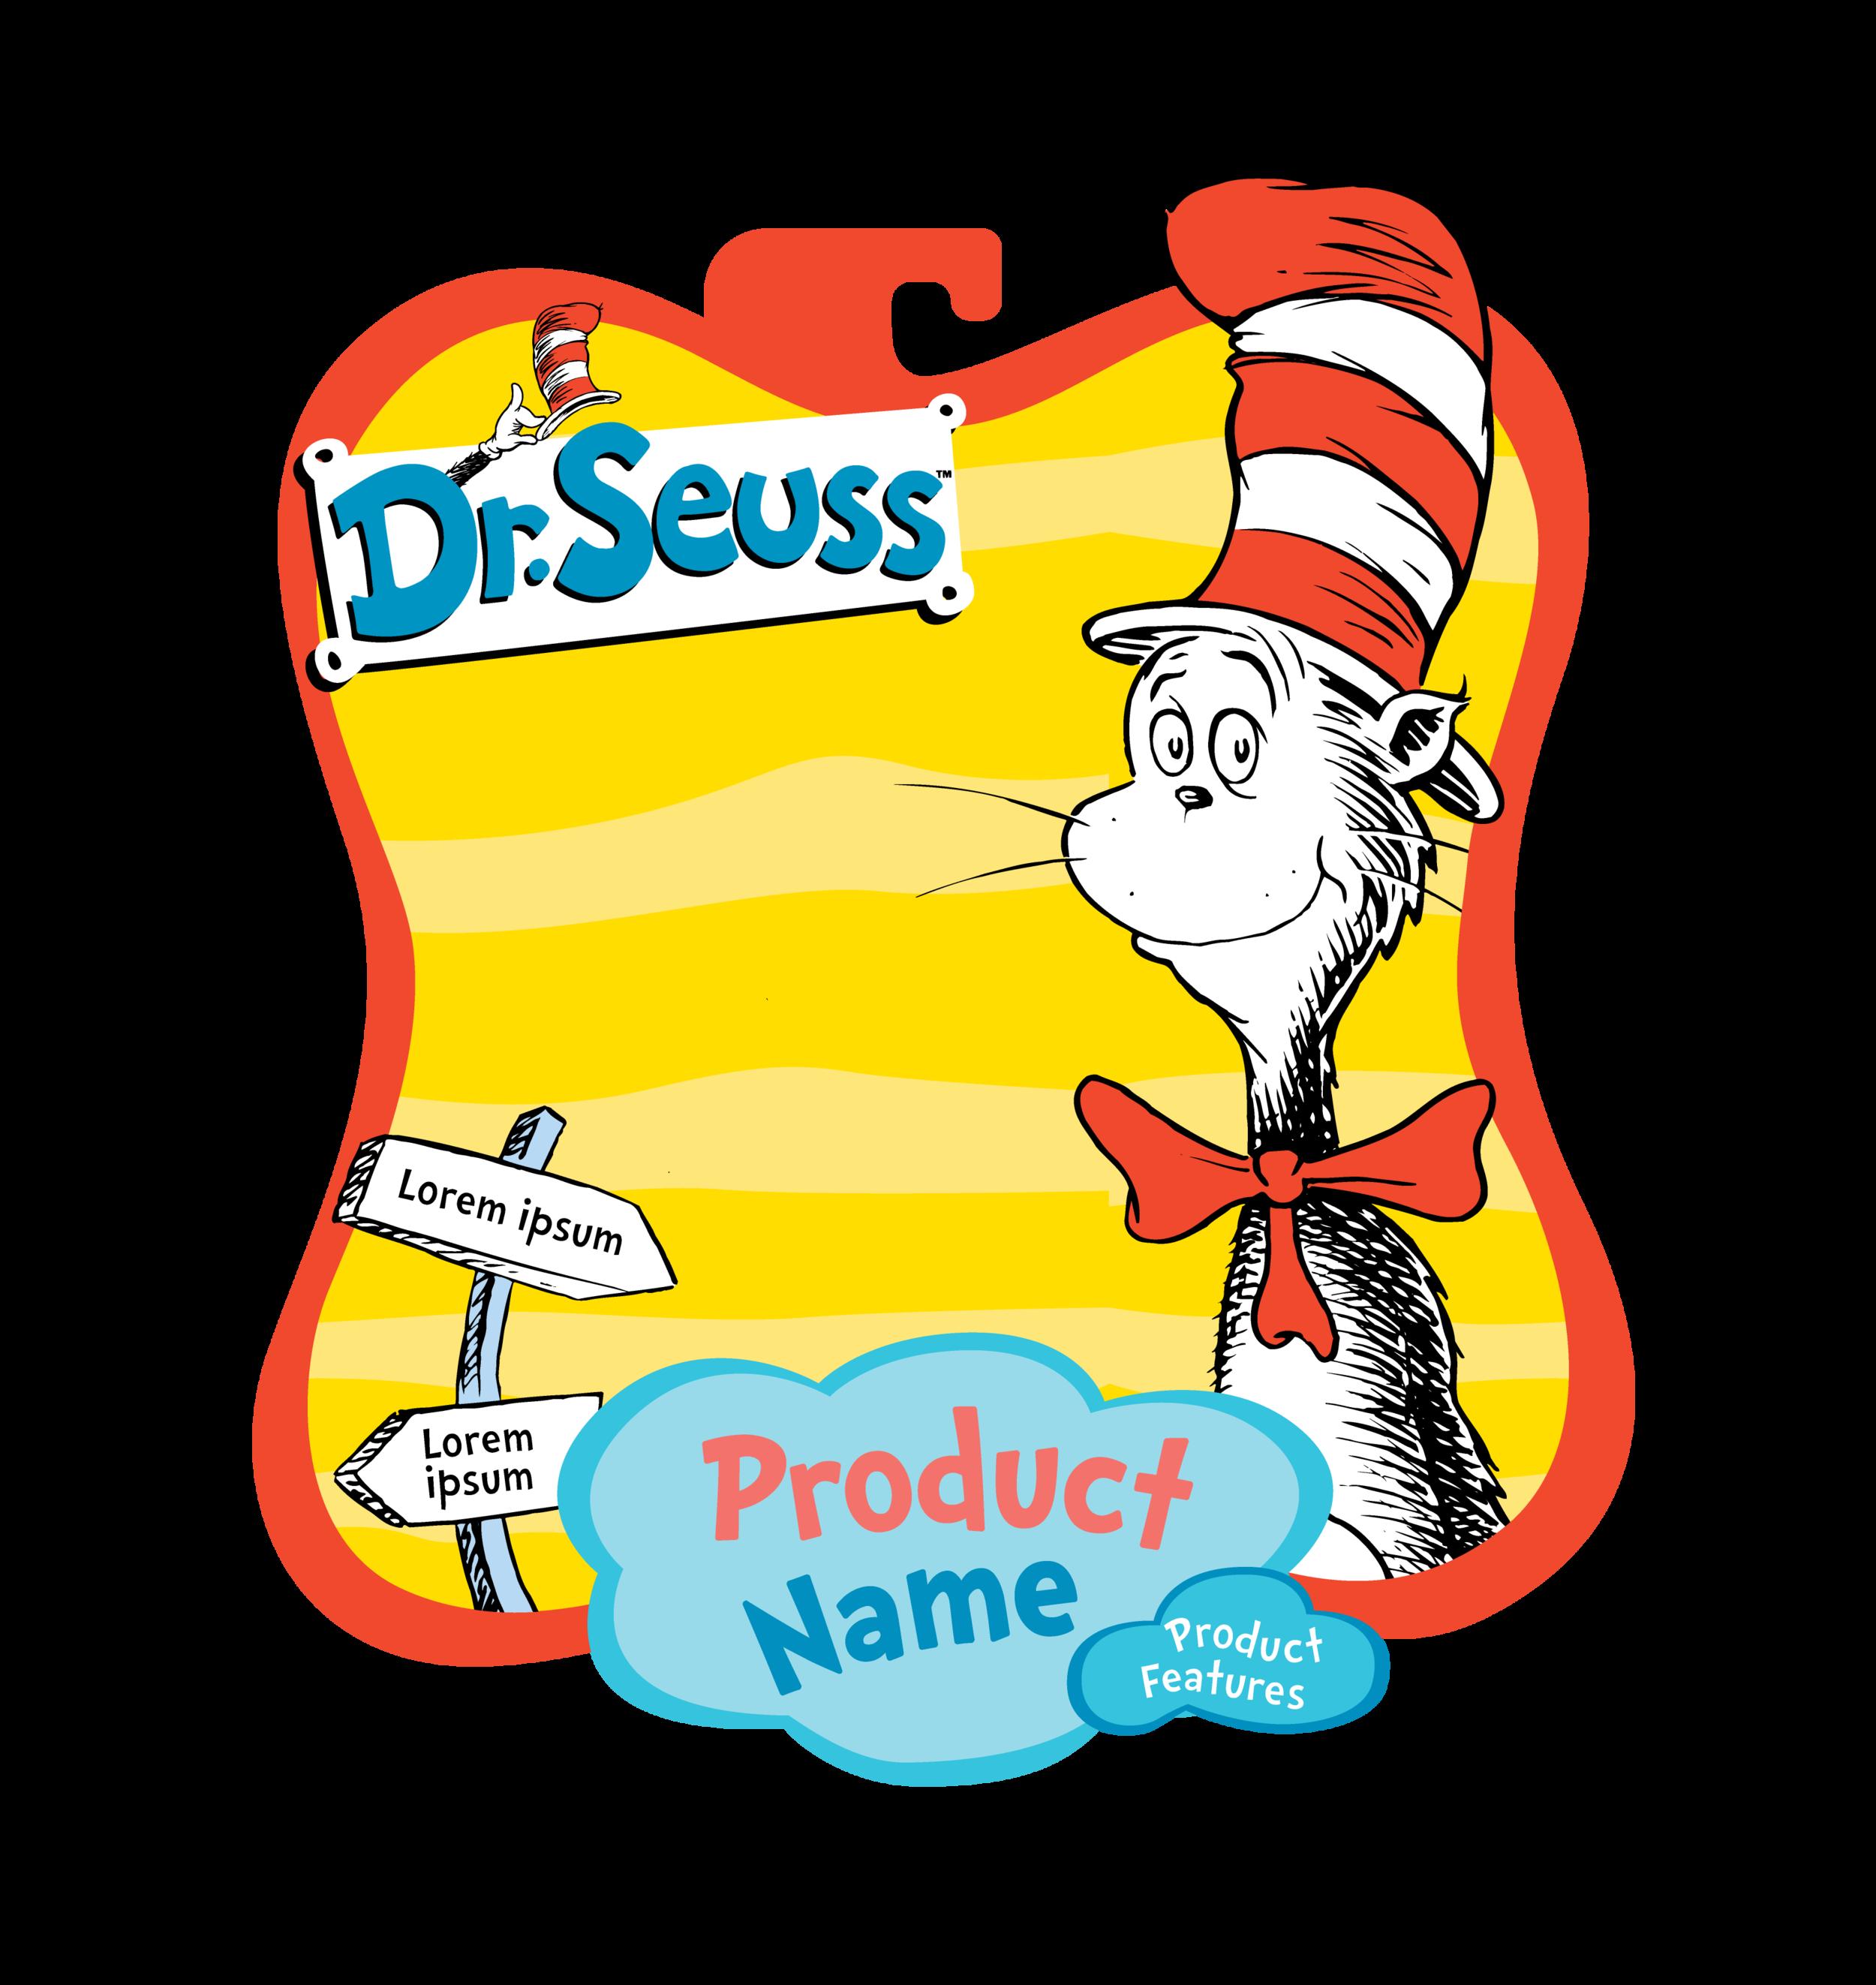 Dr.Seuss_p1.png